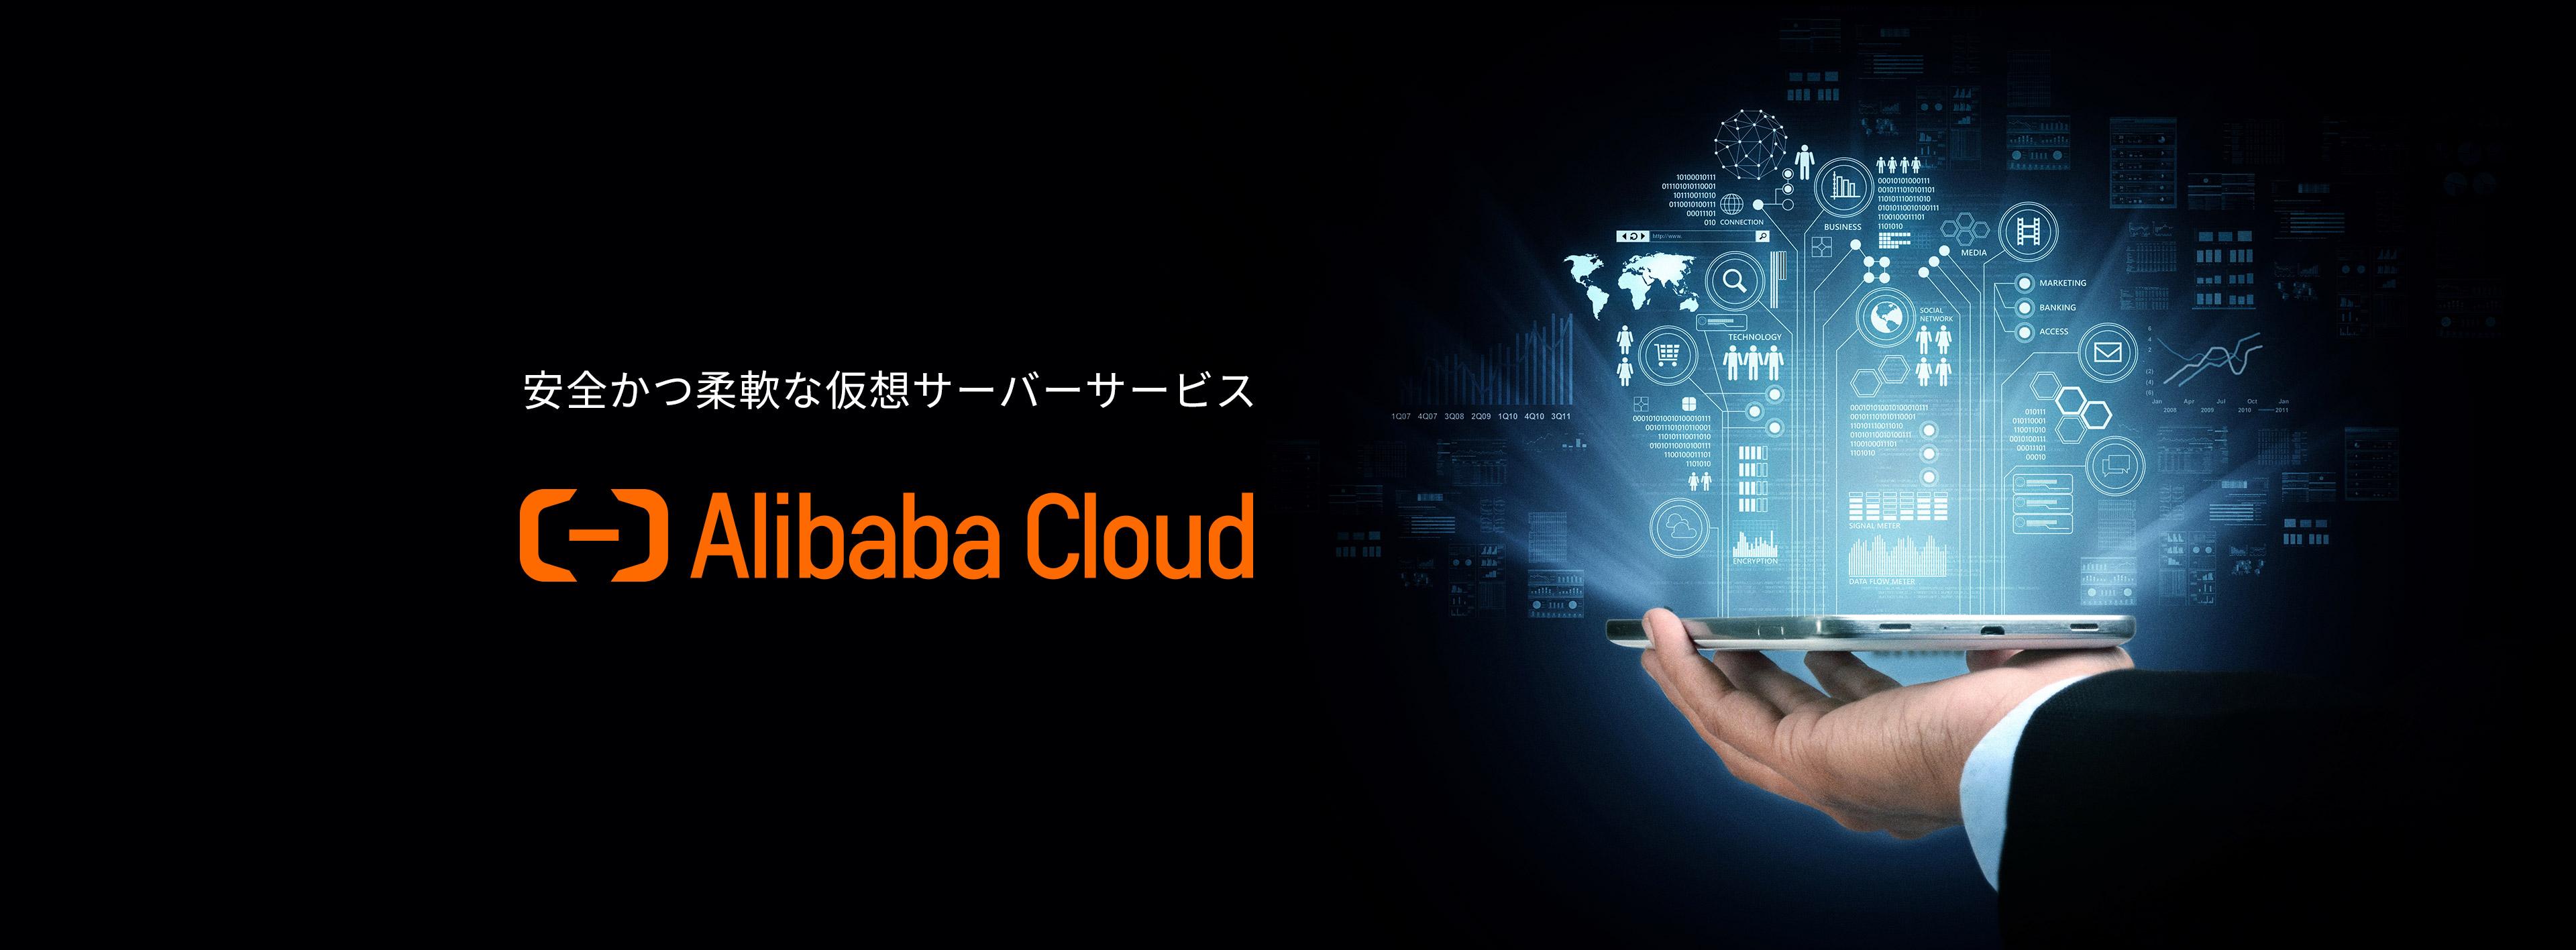 安全かつ柔軟な仮想サーバーサービス Alibaba Cloud